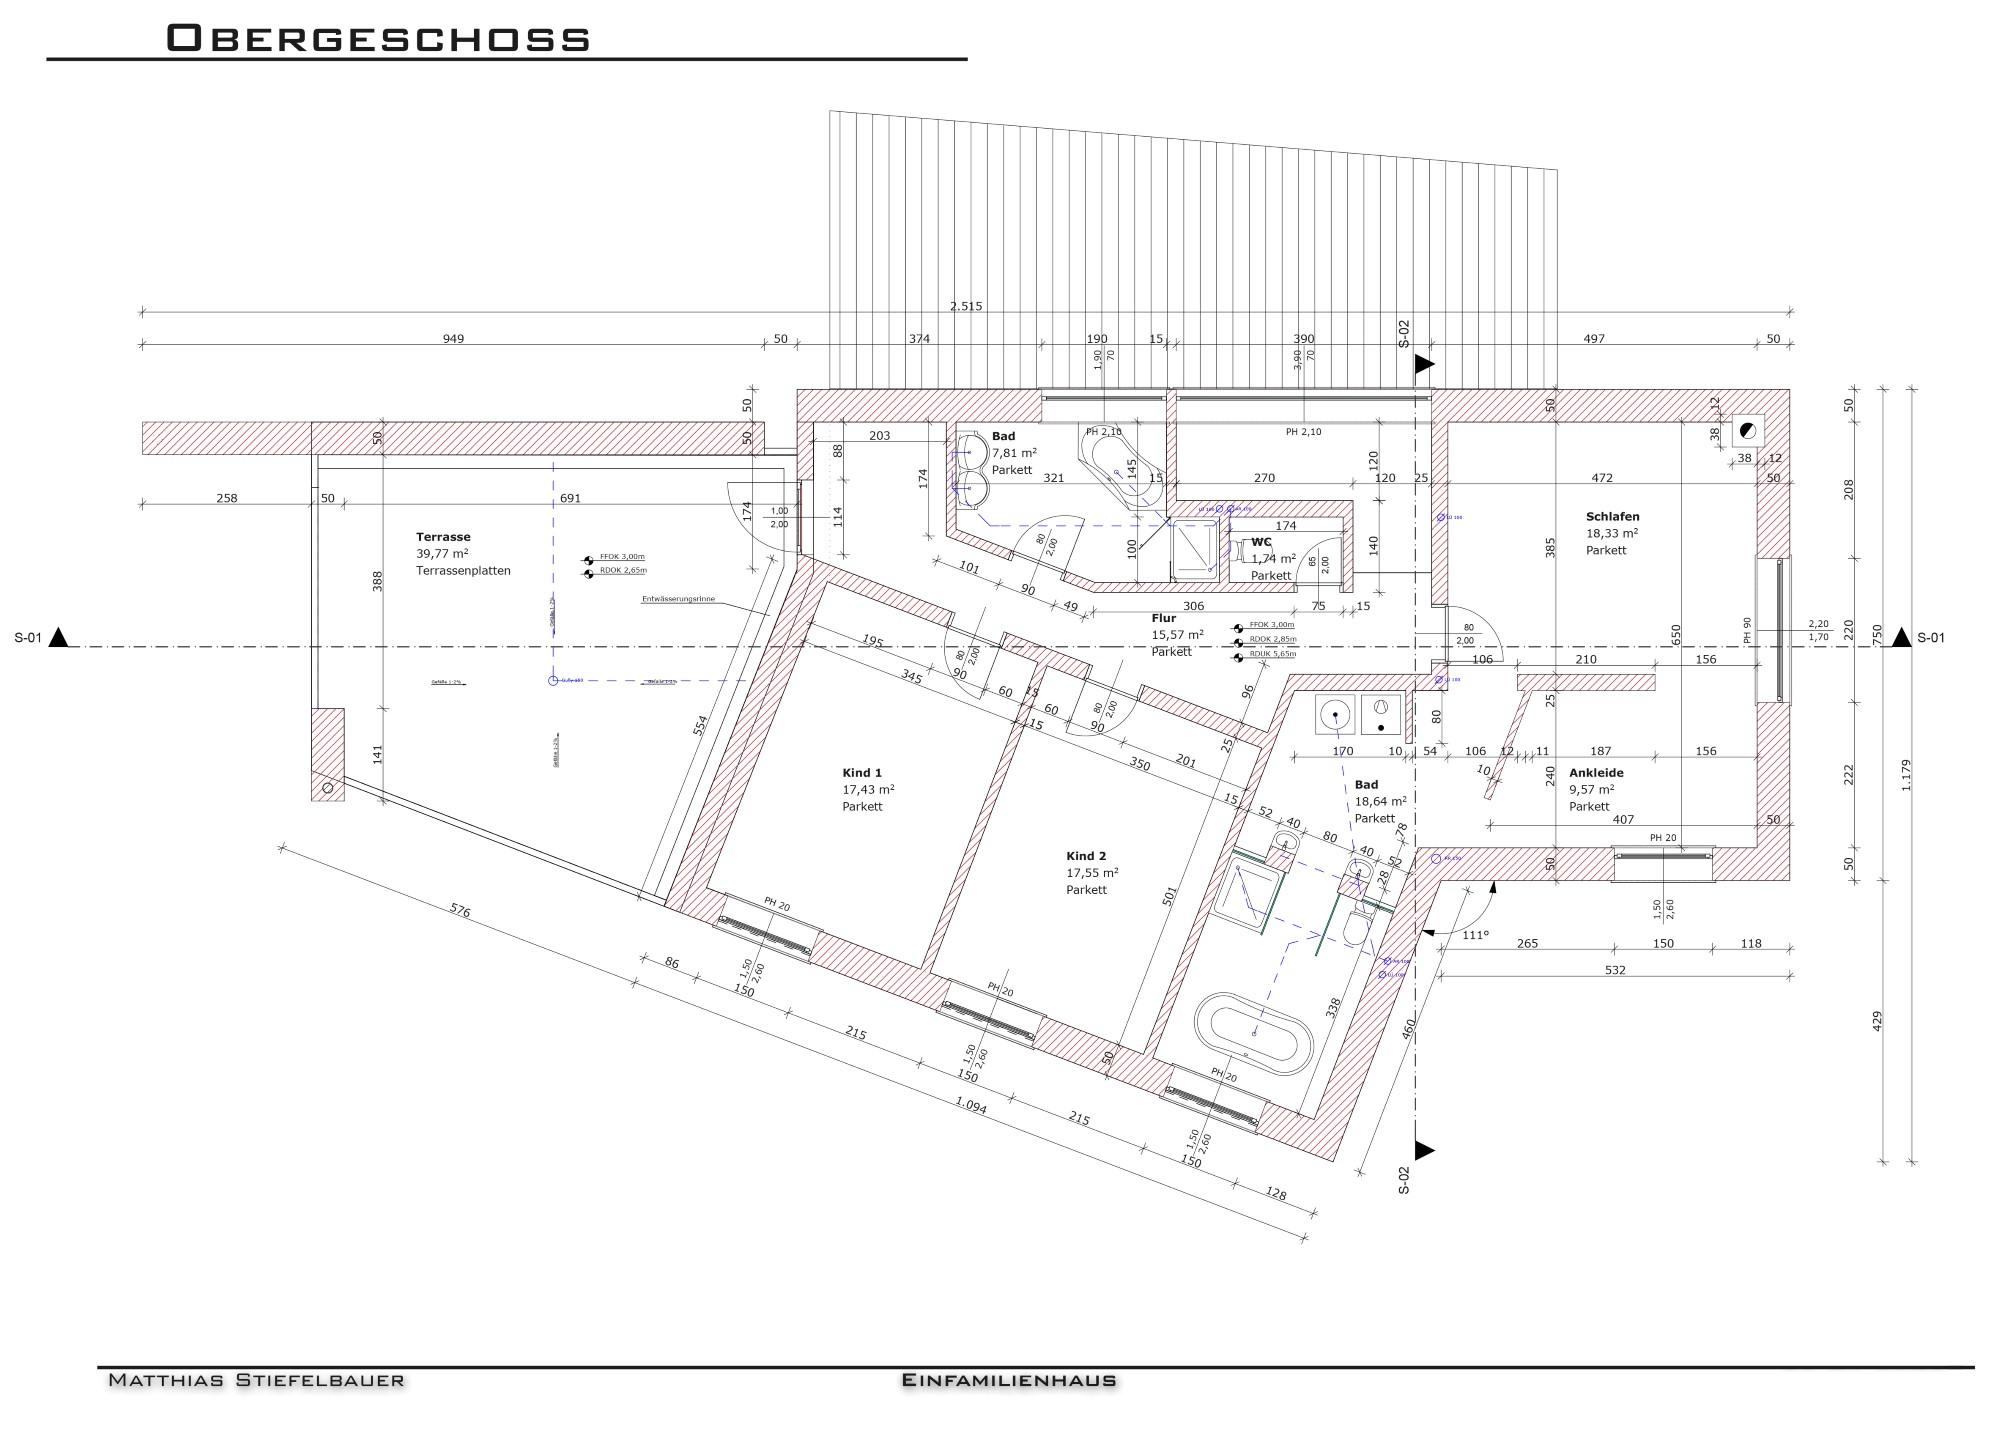 Einfamilienhaus Mappe-4 Kopie